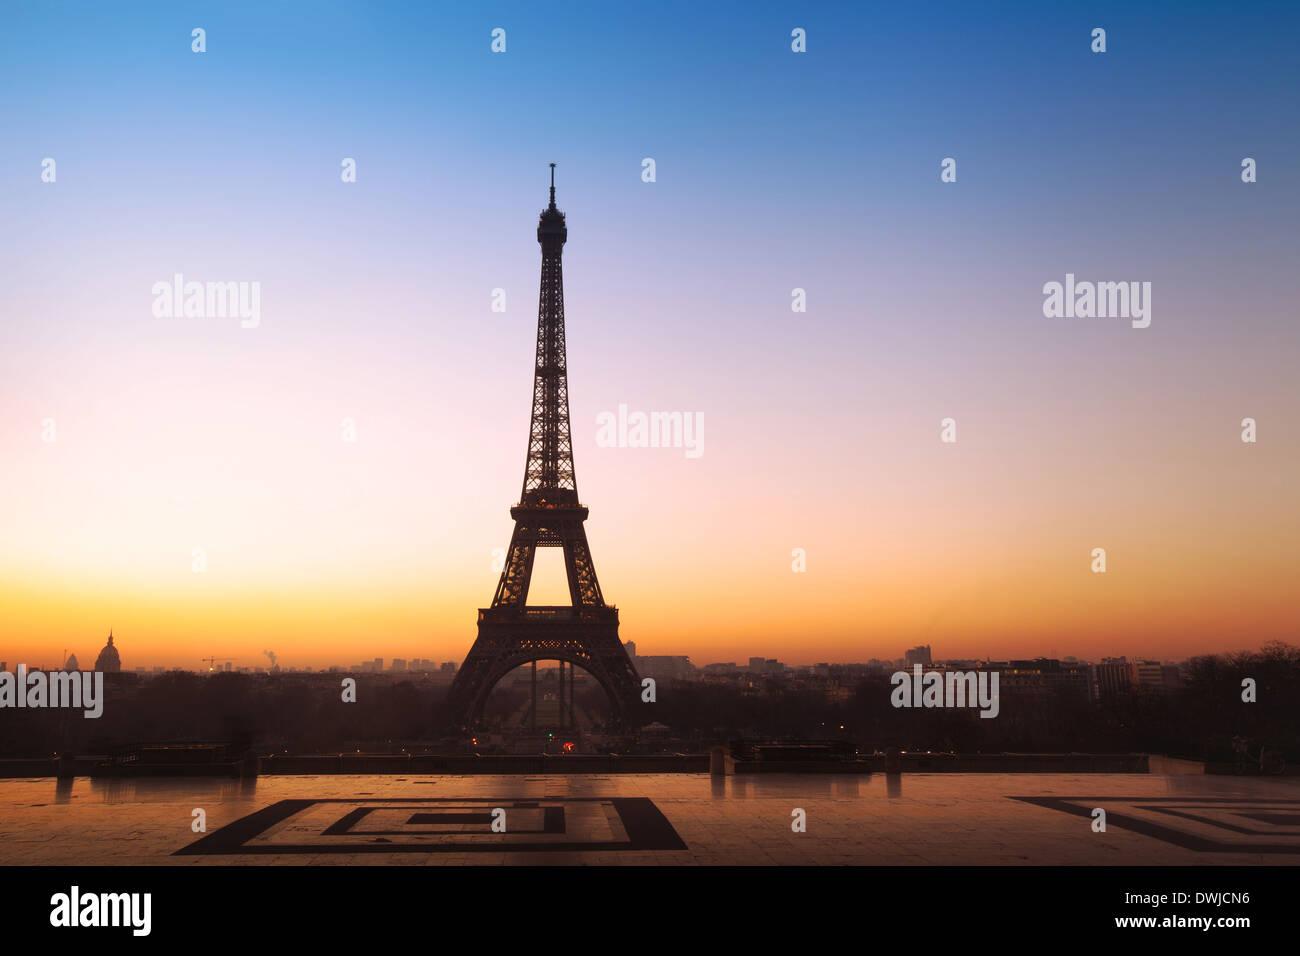 schöner Panoramablick auf den Eiffelturm in Paris, Frankreich Stockbild